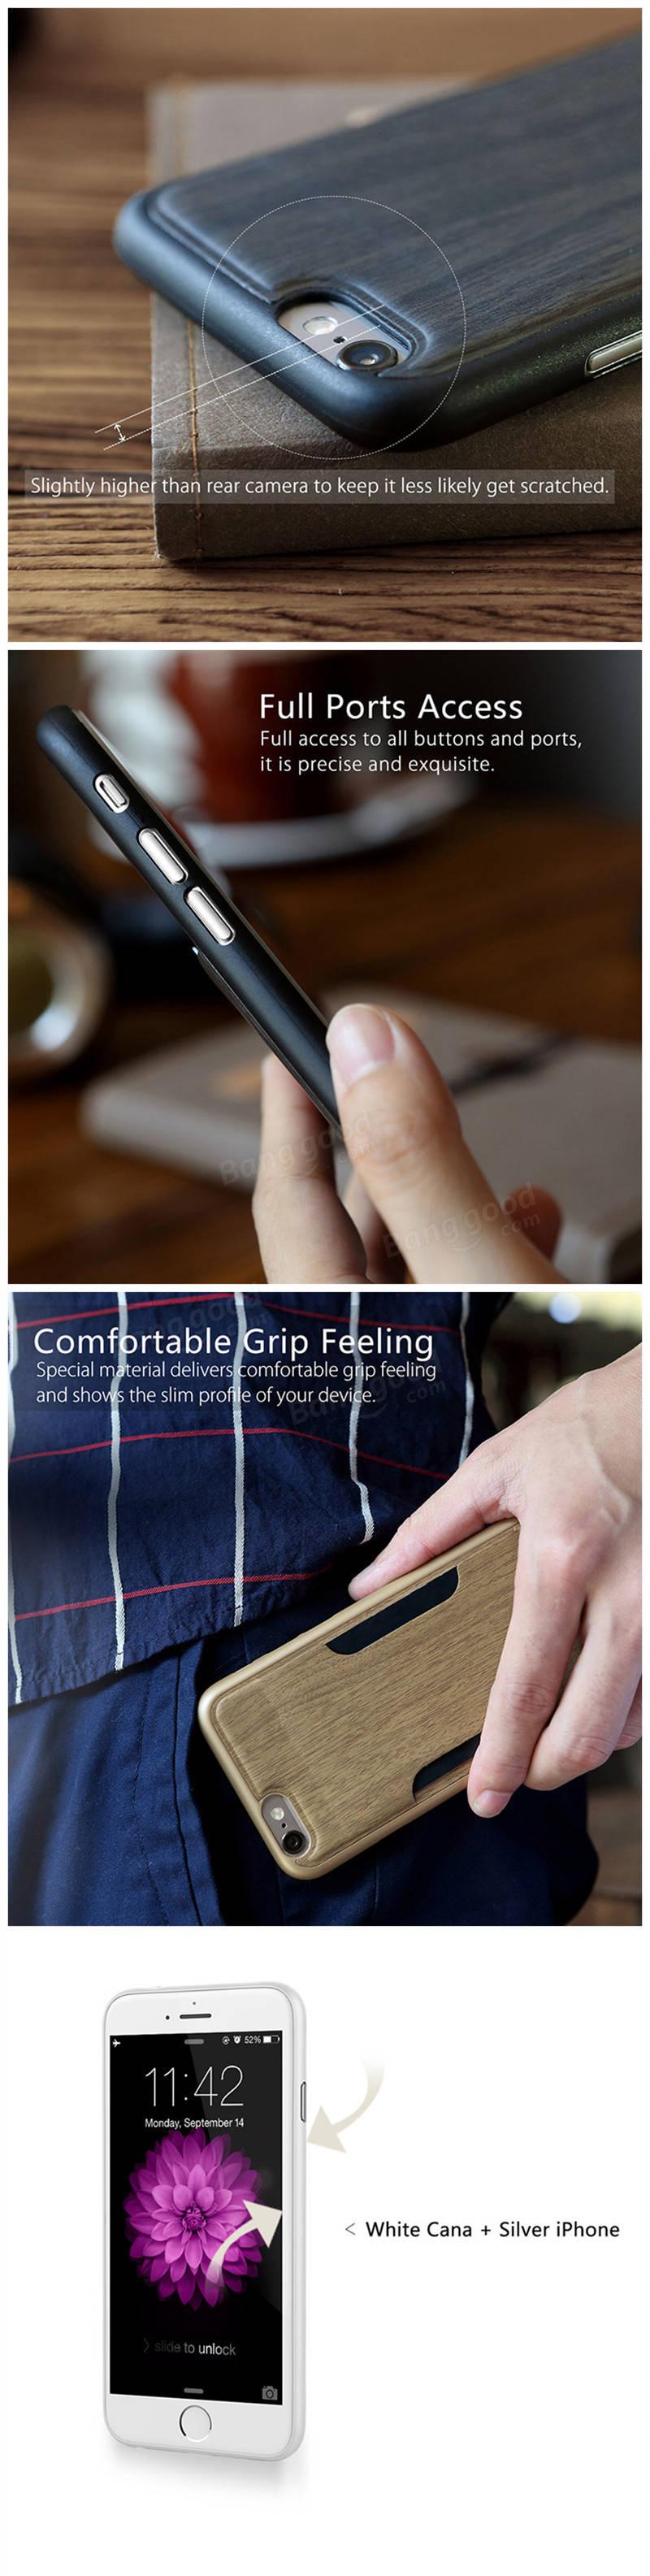 ROCK CanaシリーズウッドグレインレザースキンフォンバッグiPhone 6 6s Plusの縦型カードスロットケース